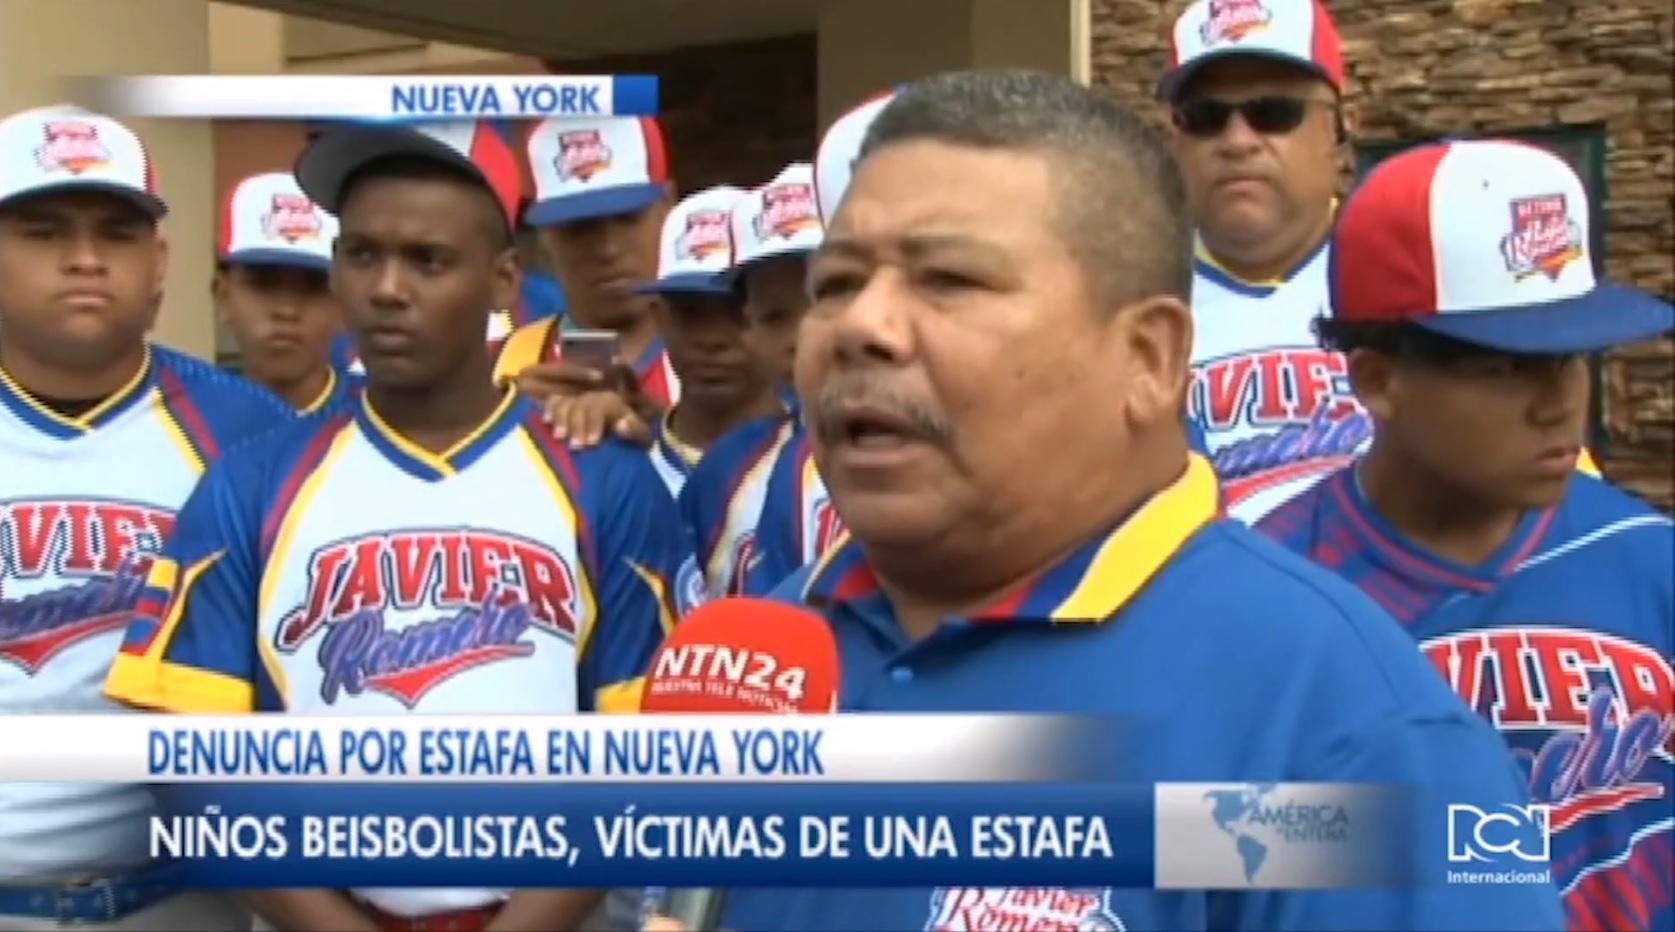 Estafan a jóvenes beisbolistas latinos en Nueva York